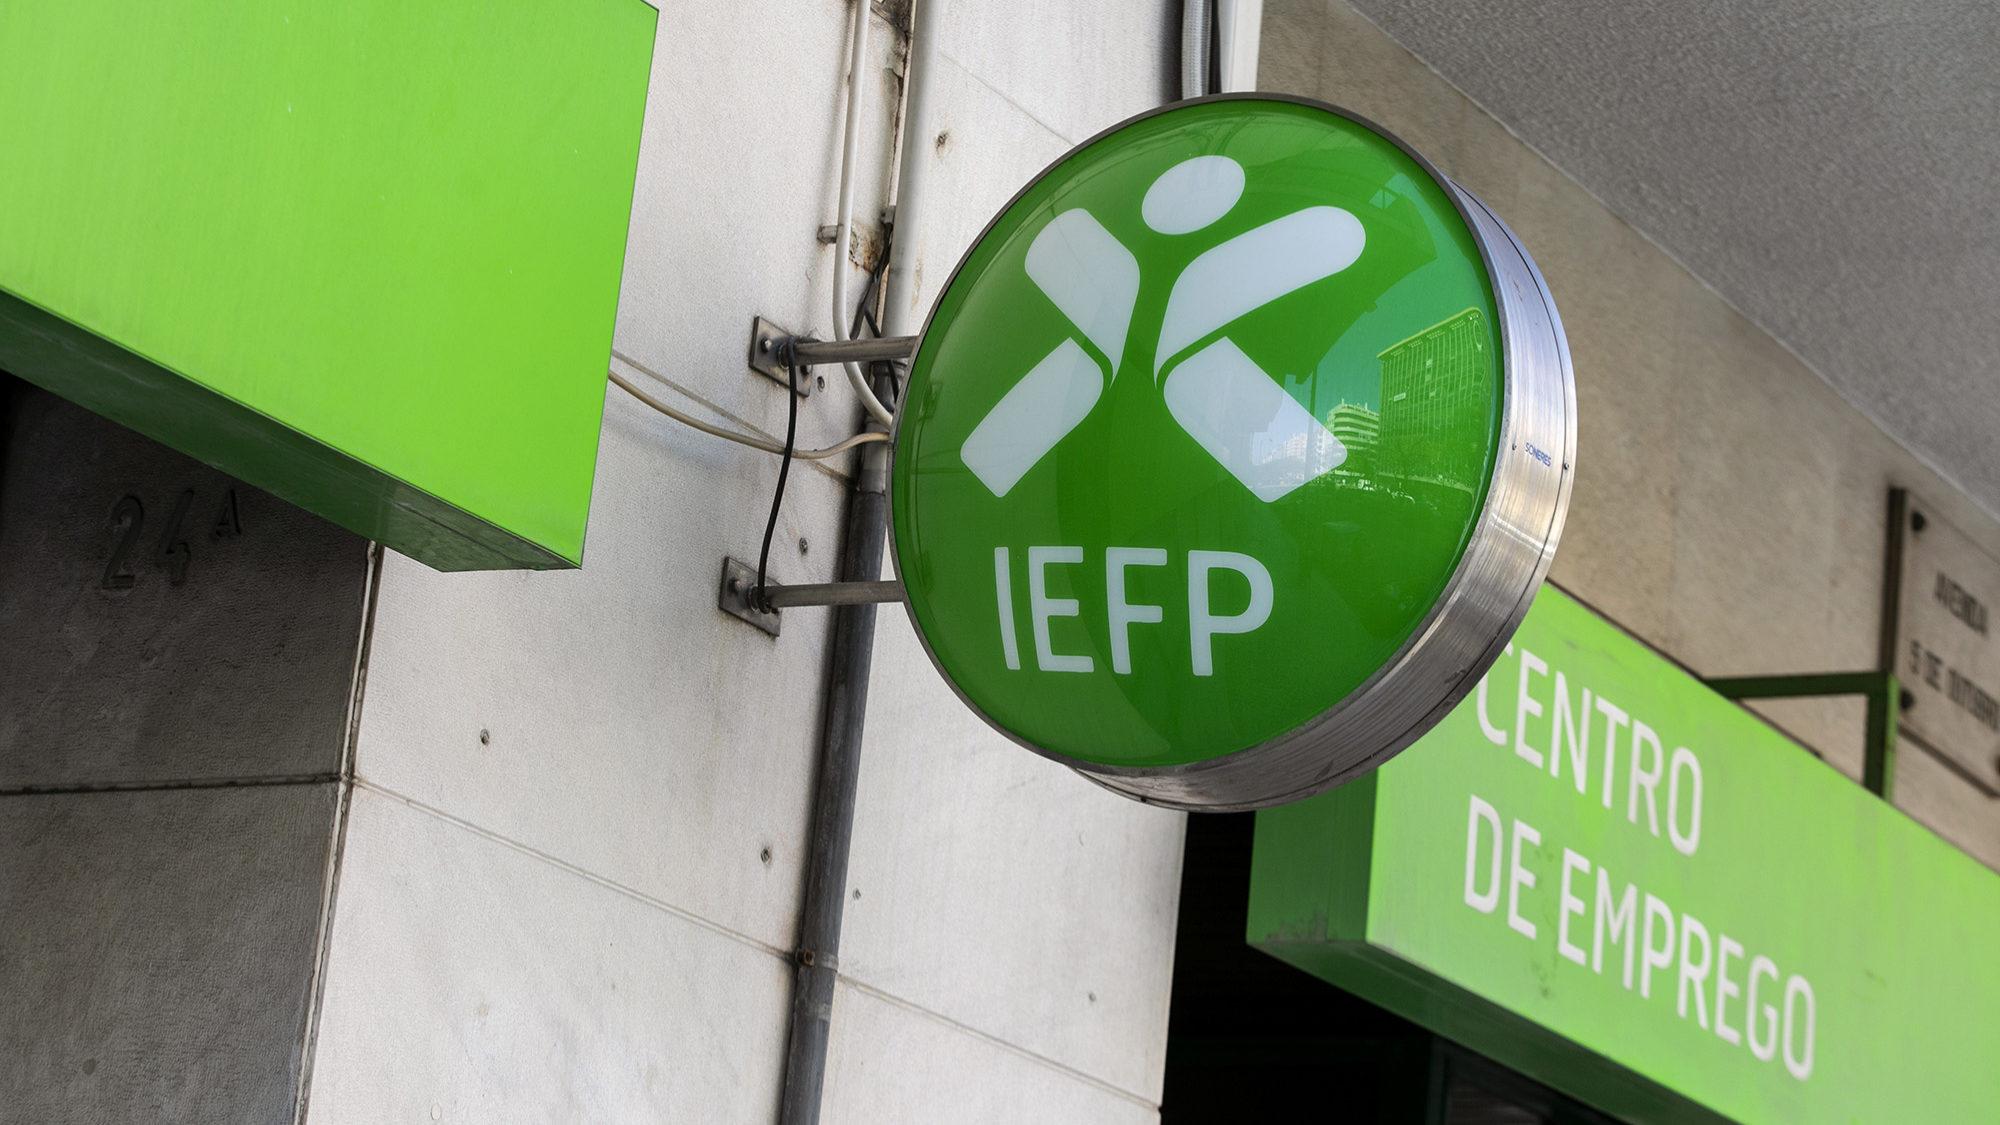 IEFP vai publicitar no estrangeiro ofertas de emprego para atrair trabalhadores